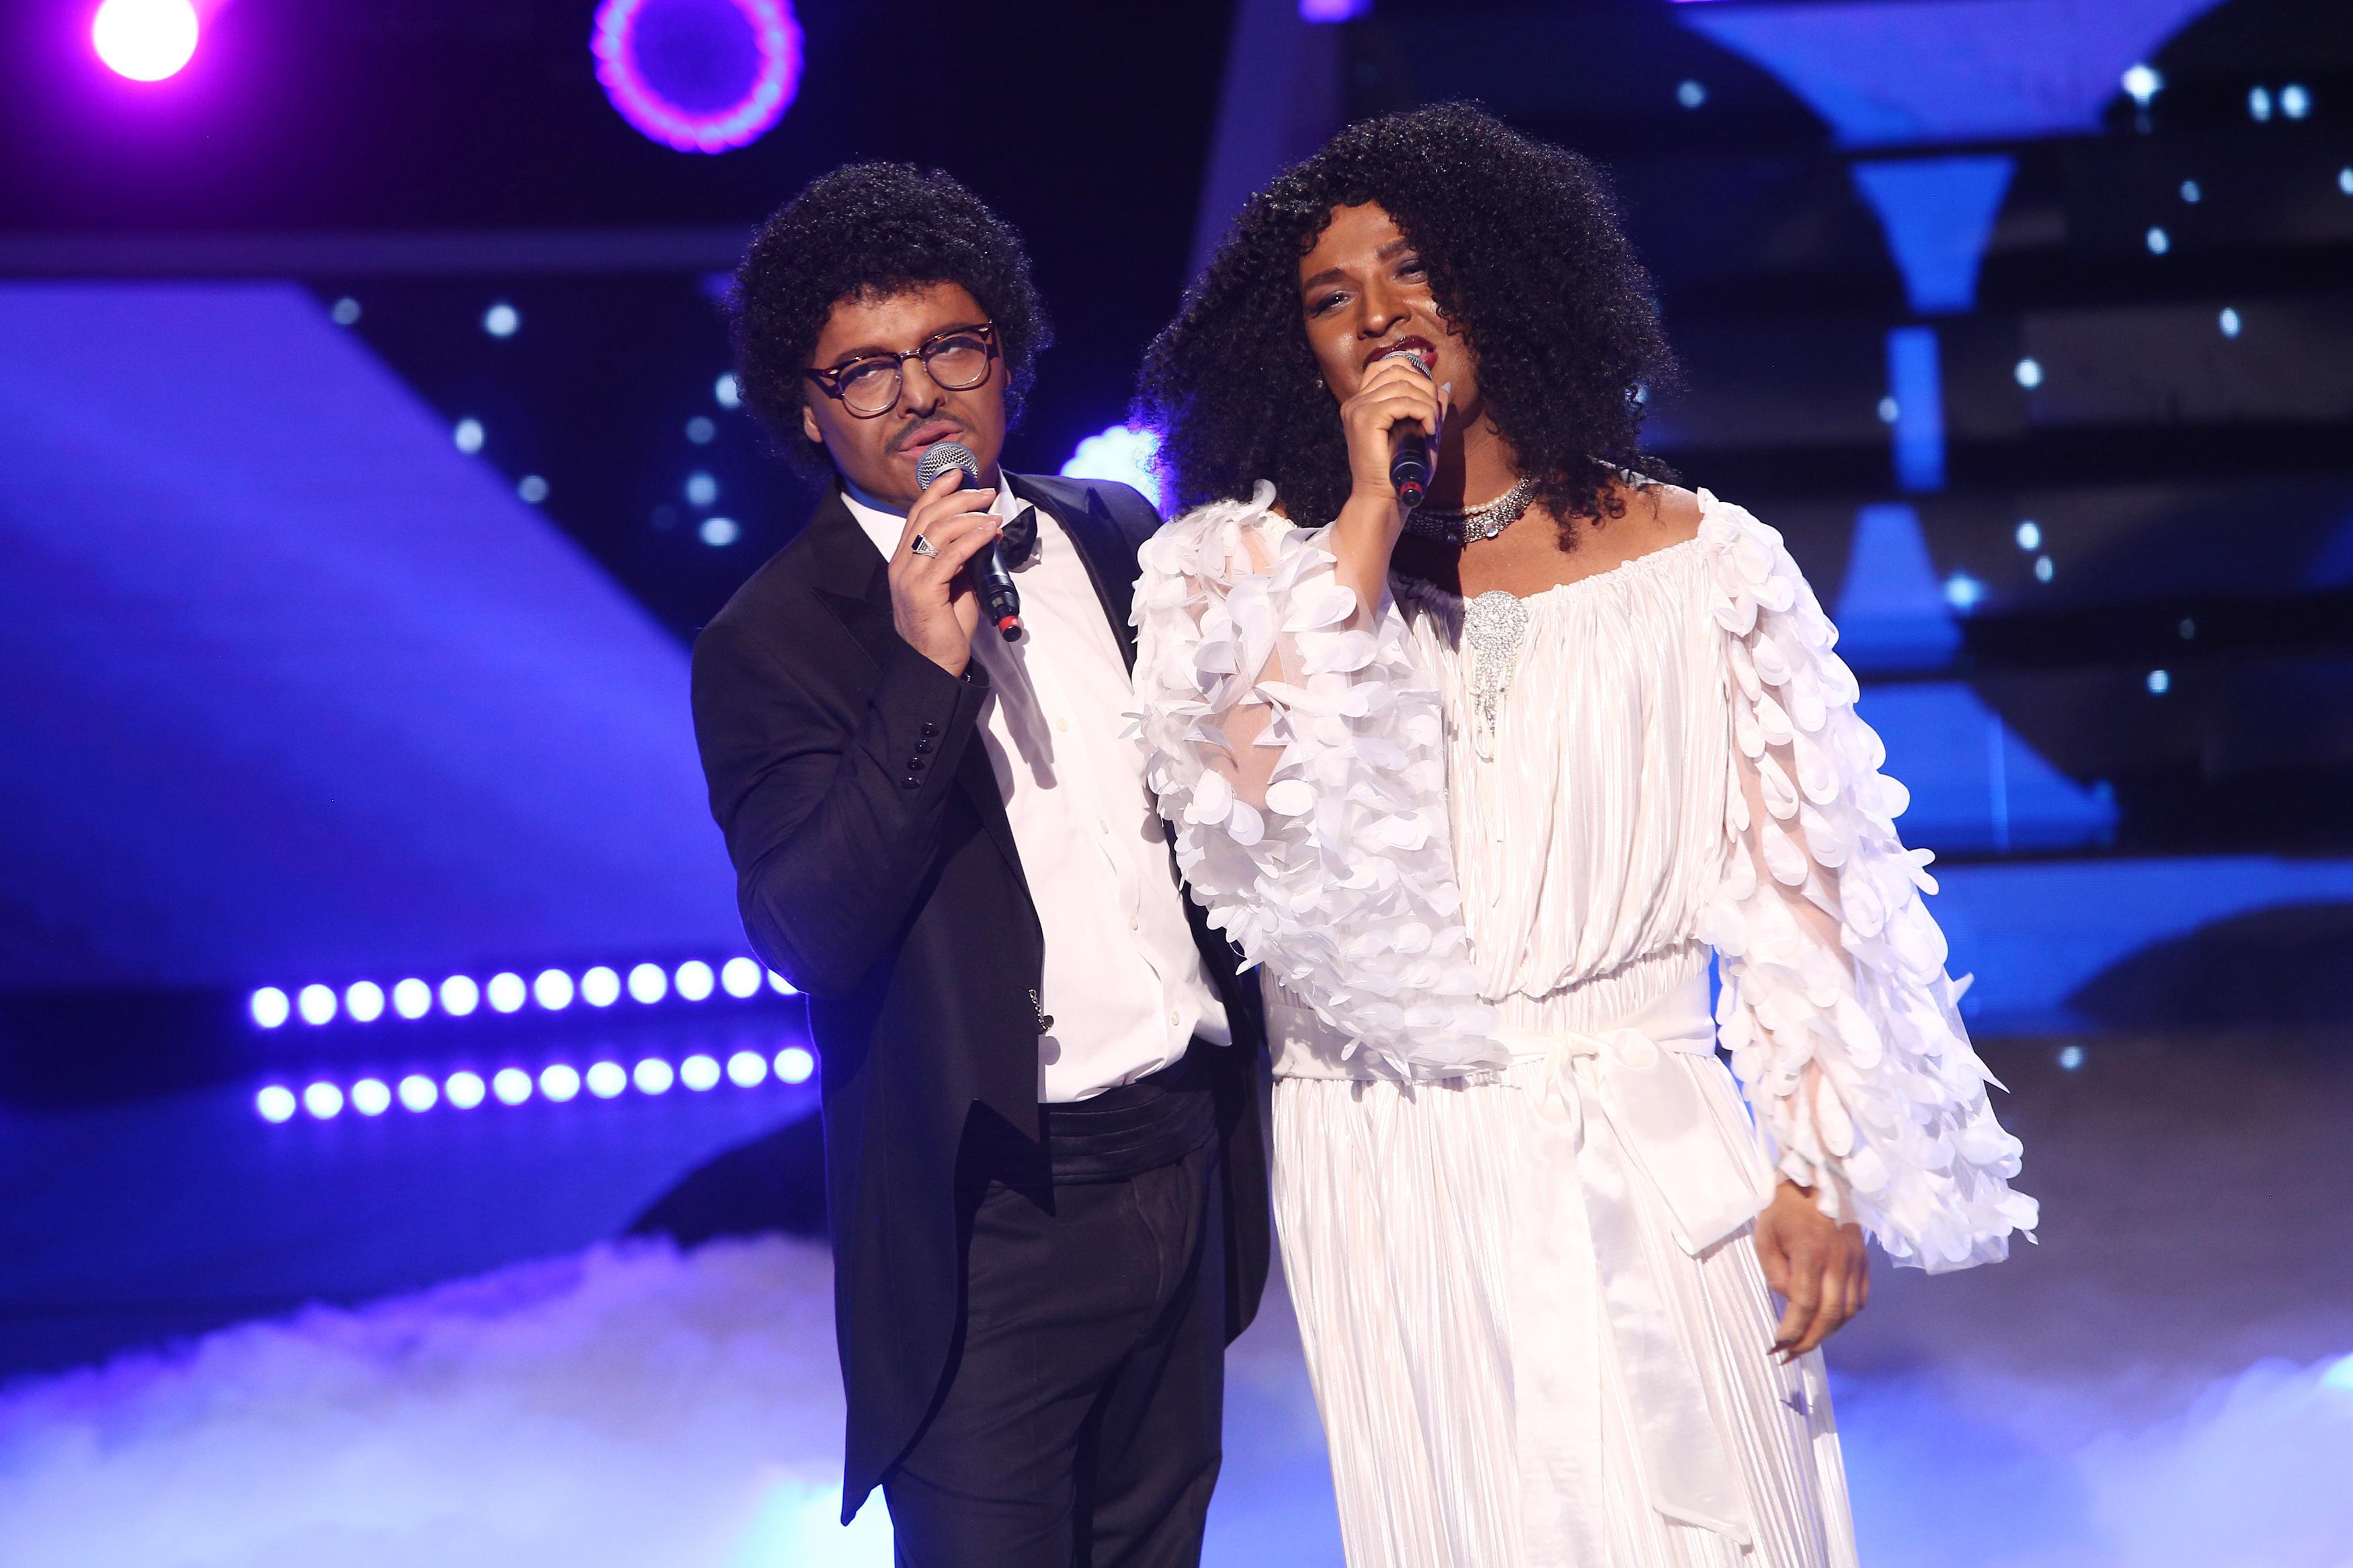 Te cunosc de undeva, 3 aprilie 2021. Liviu și Andrei, învăluiți în romantism, se transformă în Lionel Richie și Diana Ross